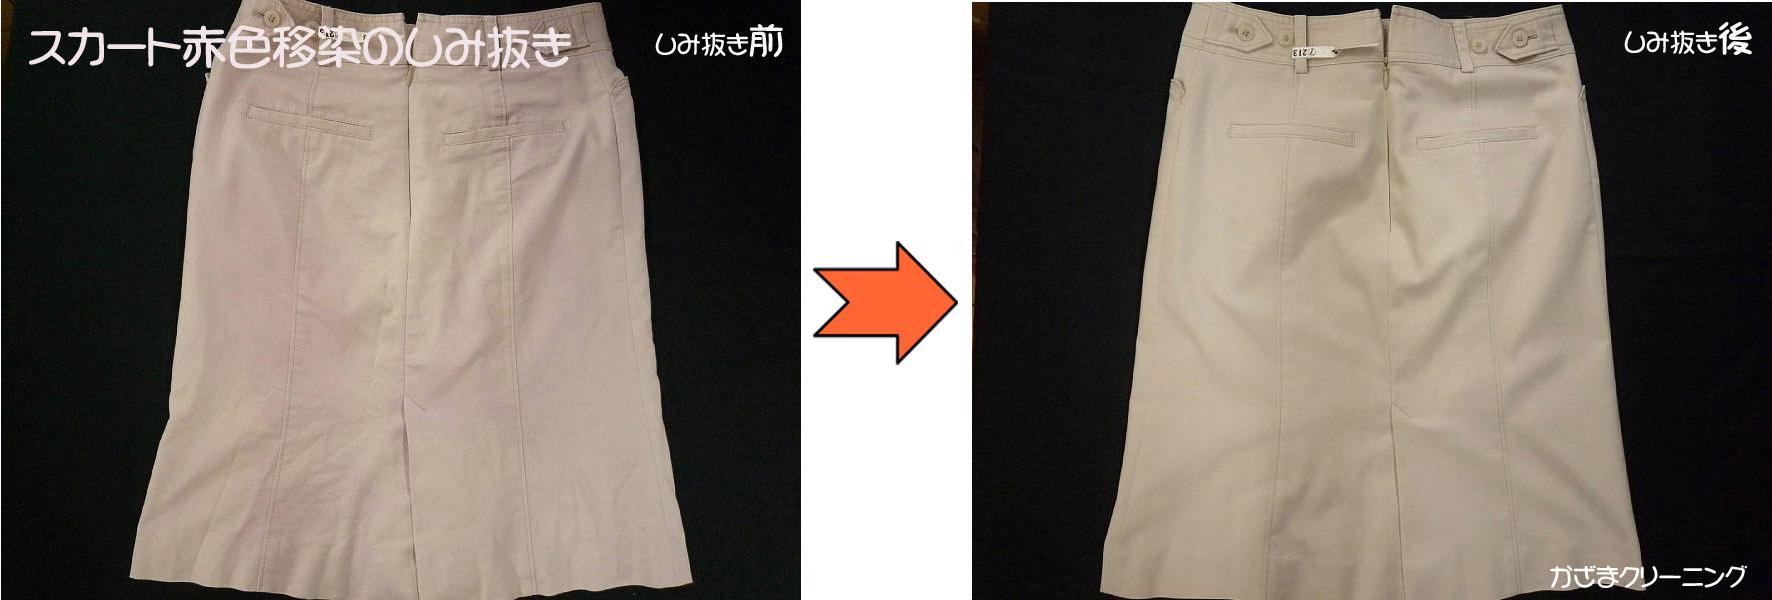 スカート赤色移染のしみ抜き